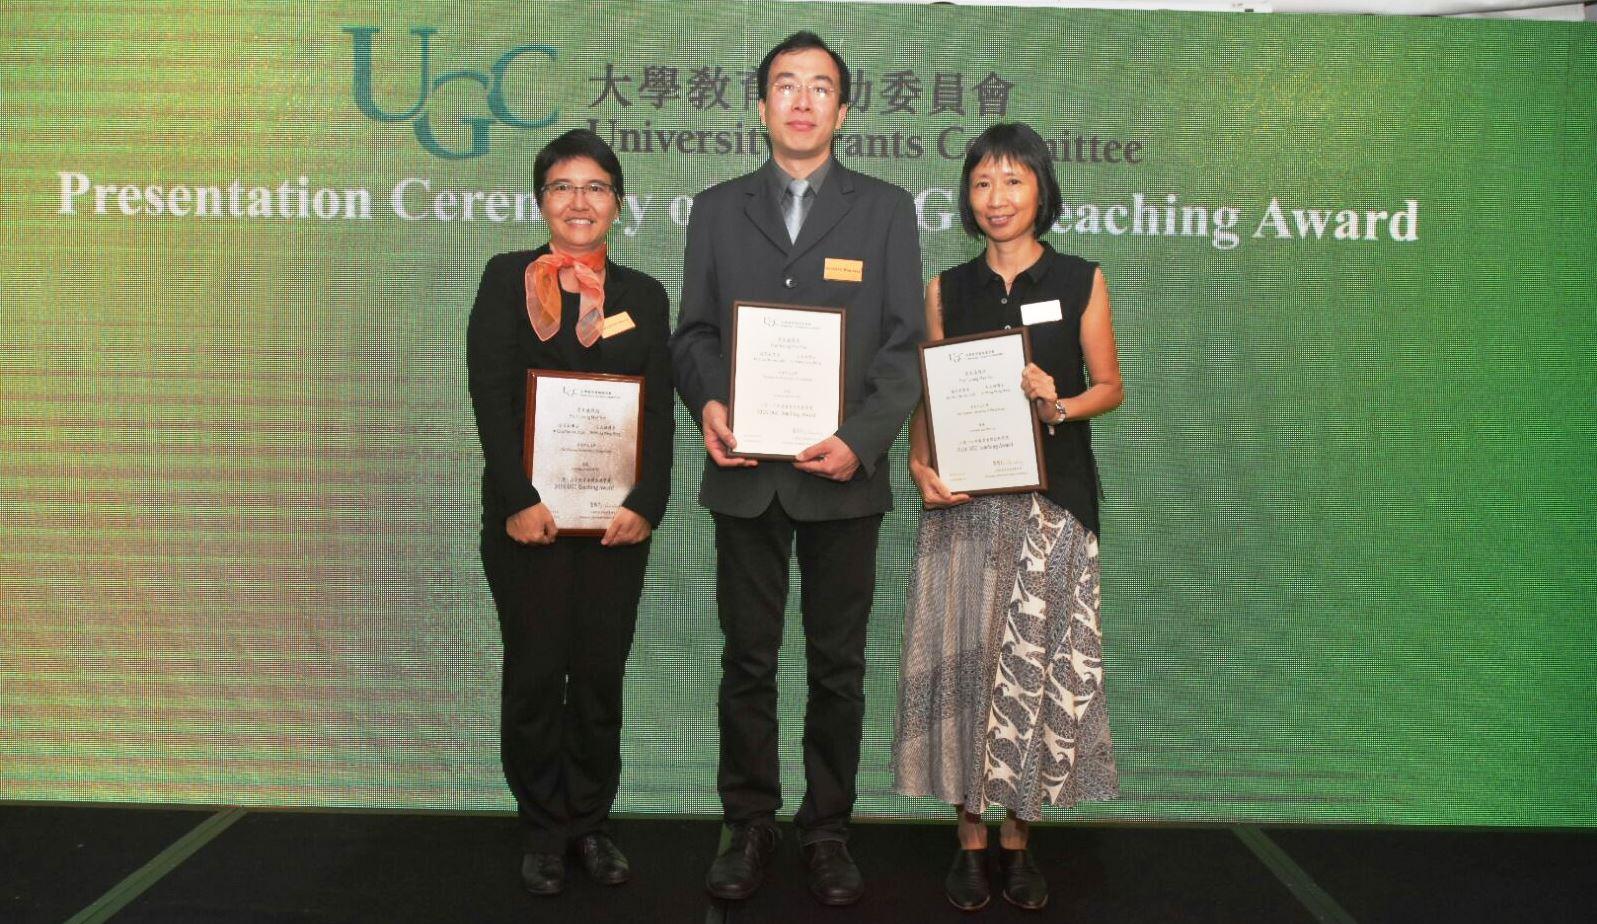 (左起)中大通識教育課程團隊代表梁美儀教授、王永雄博士及趙茱莉博士獲頒授2016年教資會傑出教學獎。